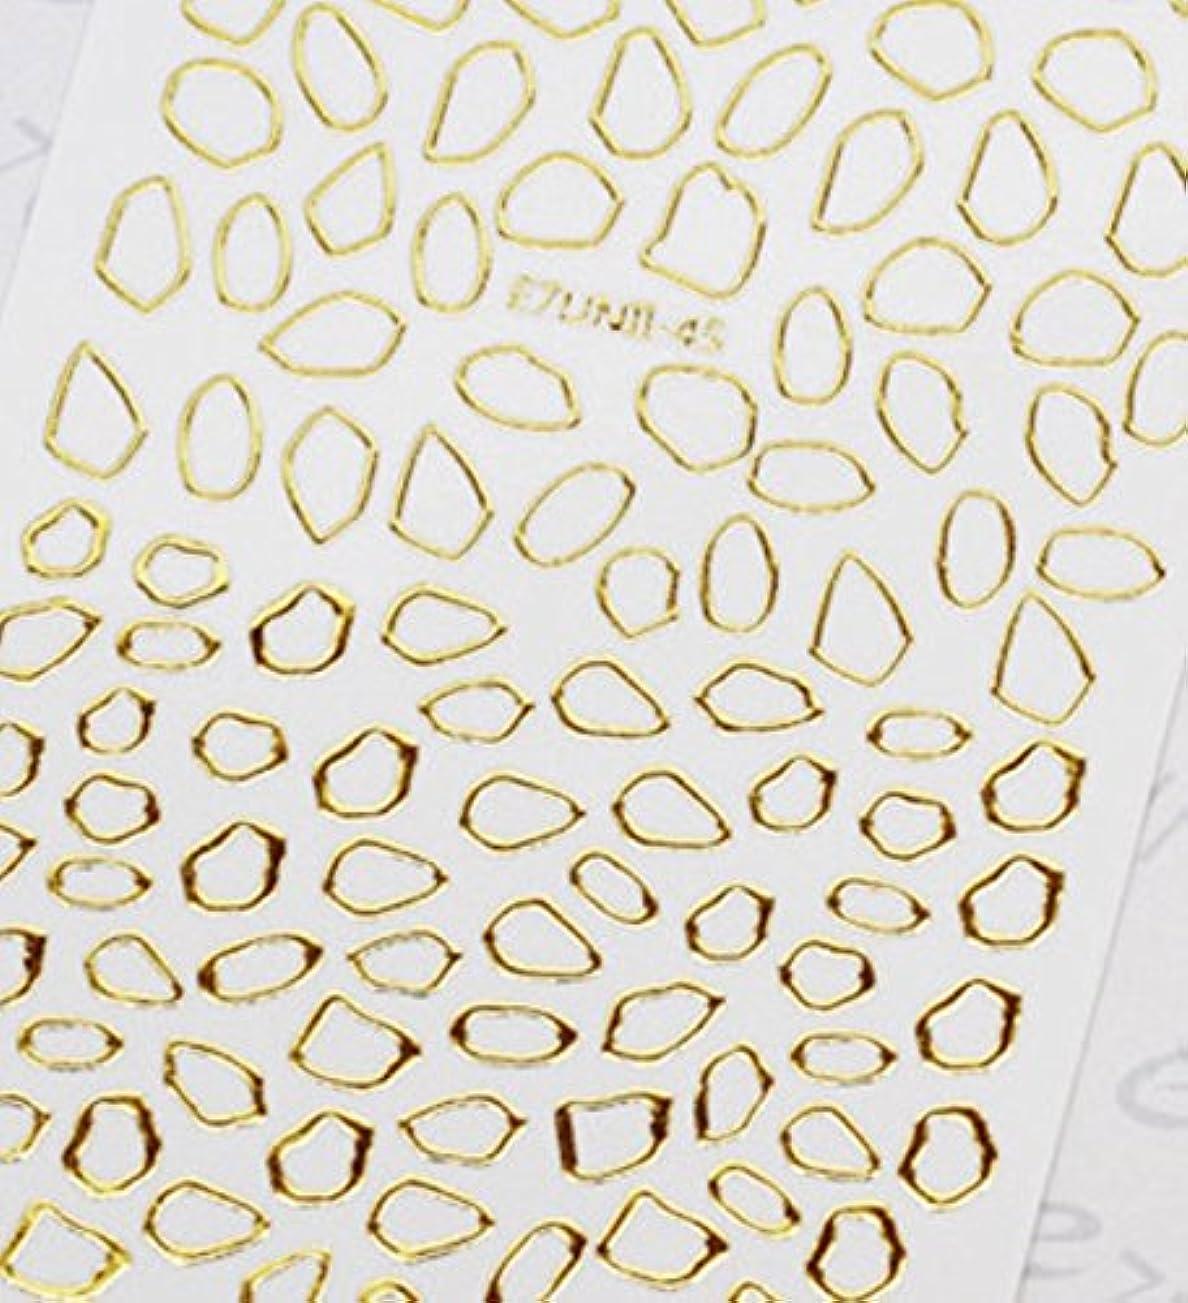 三角リボン毒極薄直接貼るタイプ ネイルシール スティッカー 枠 変形フレーム 垂らしこみアート用 多種多様なデザインに対応可能 ゴールド 金色 45番